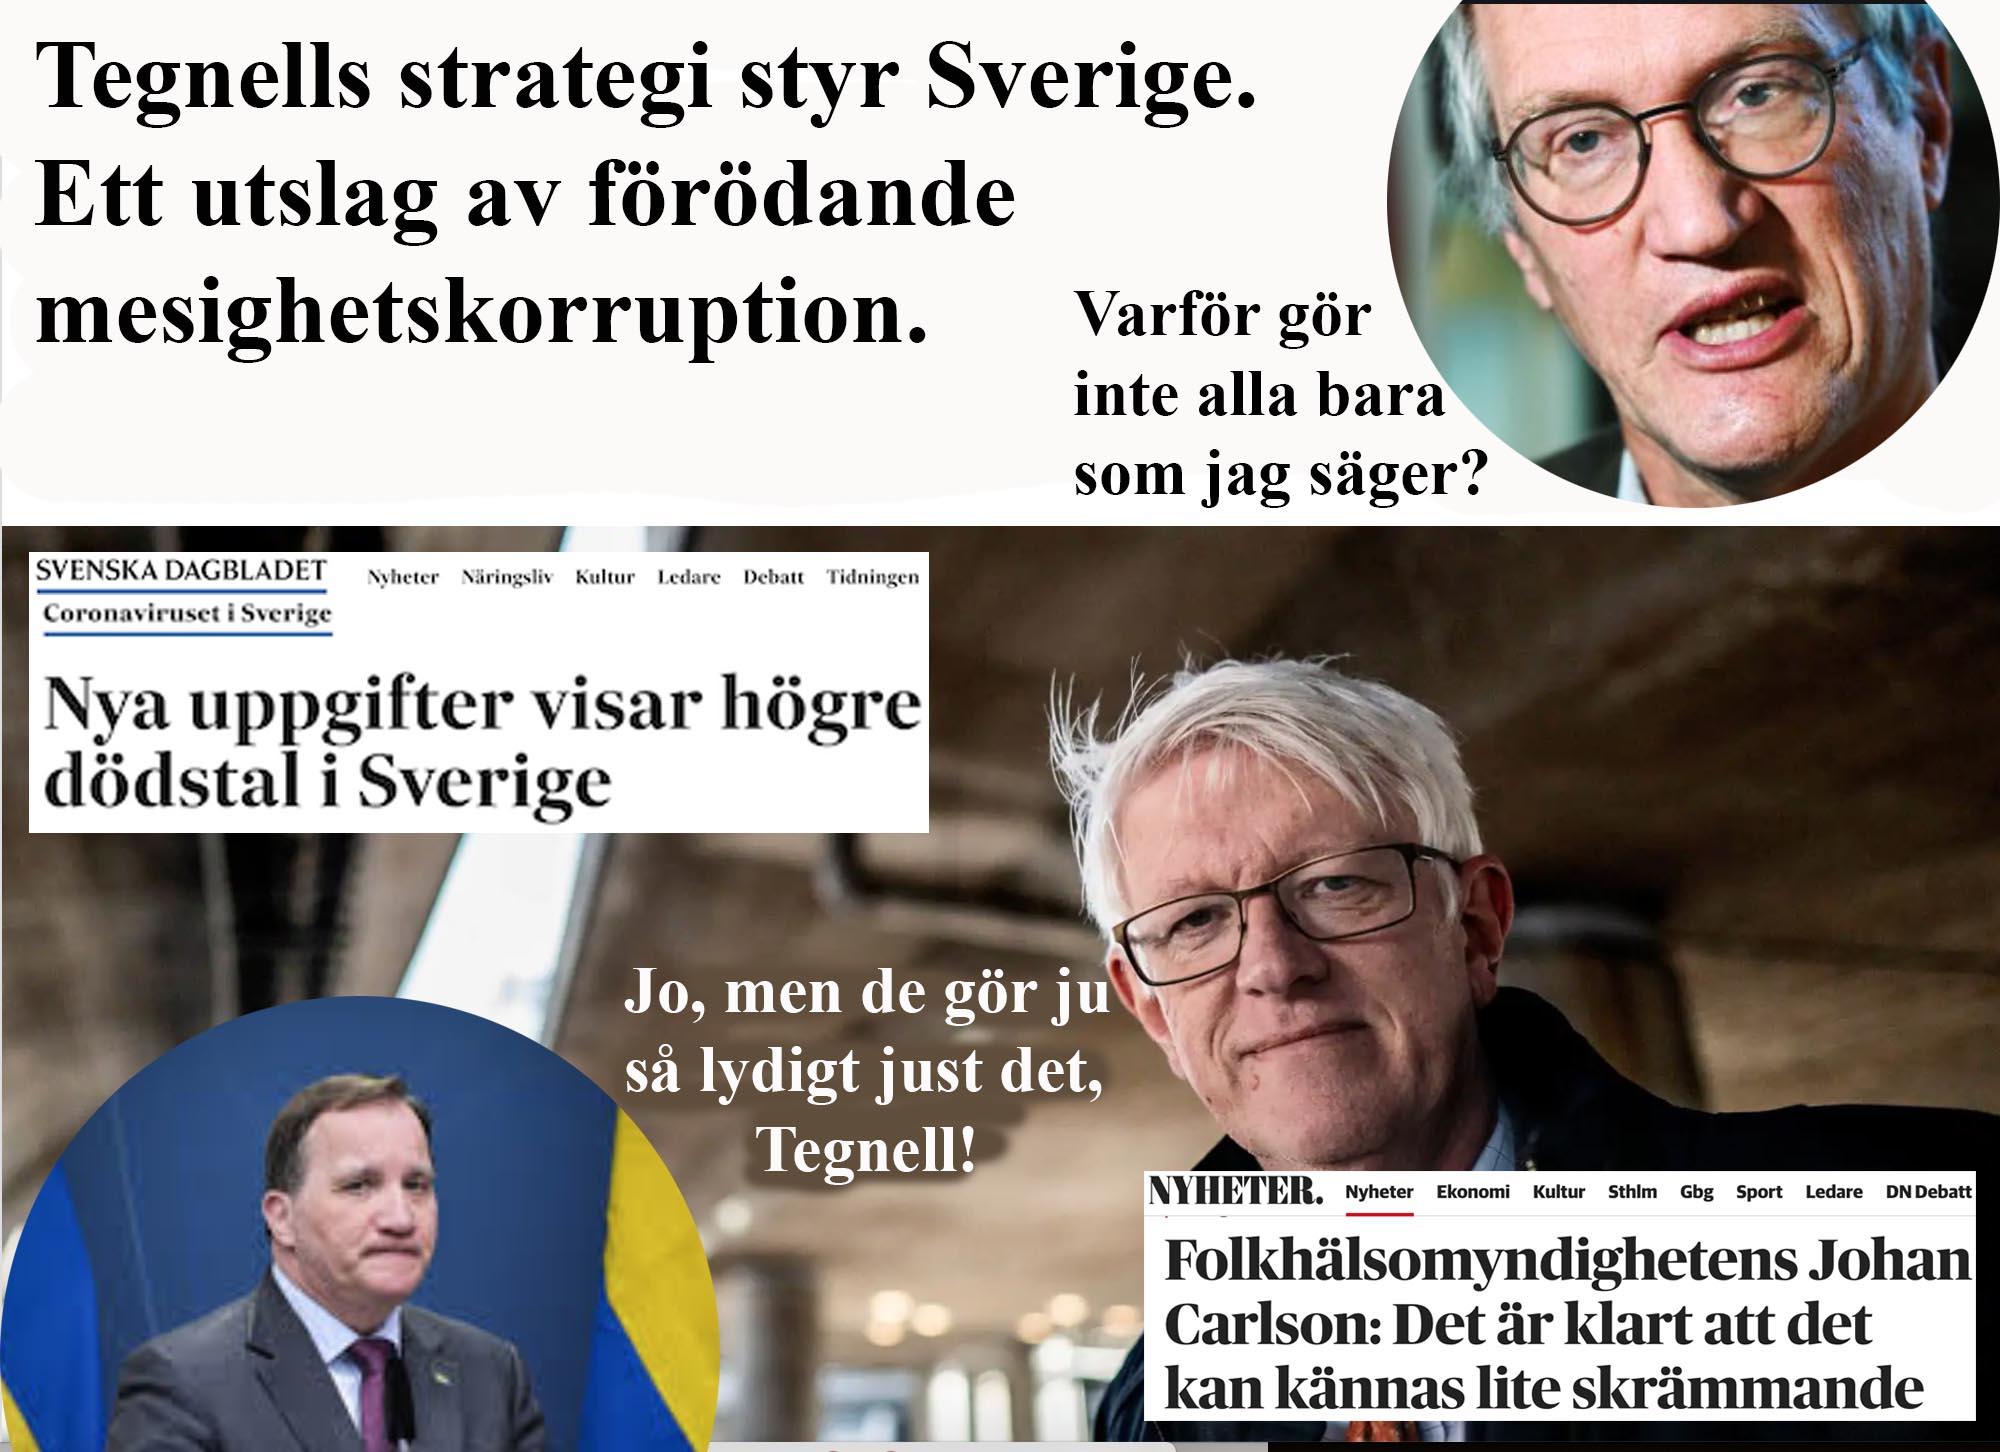 Den svenska mesighetskorruptionen: sådana som Tegnell släpps fram, av sådana som Johan Carlsson och Stefan Löfven. Meritokratin är död.